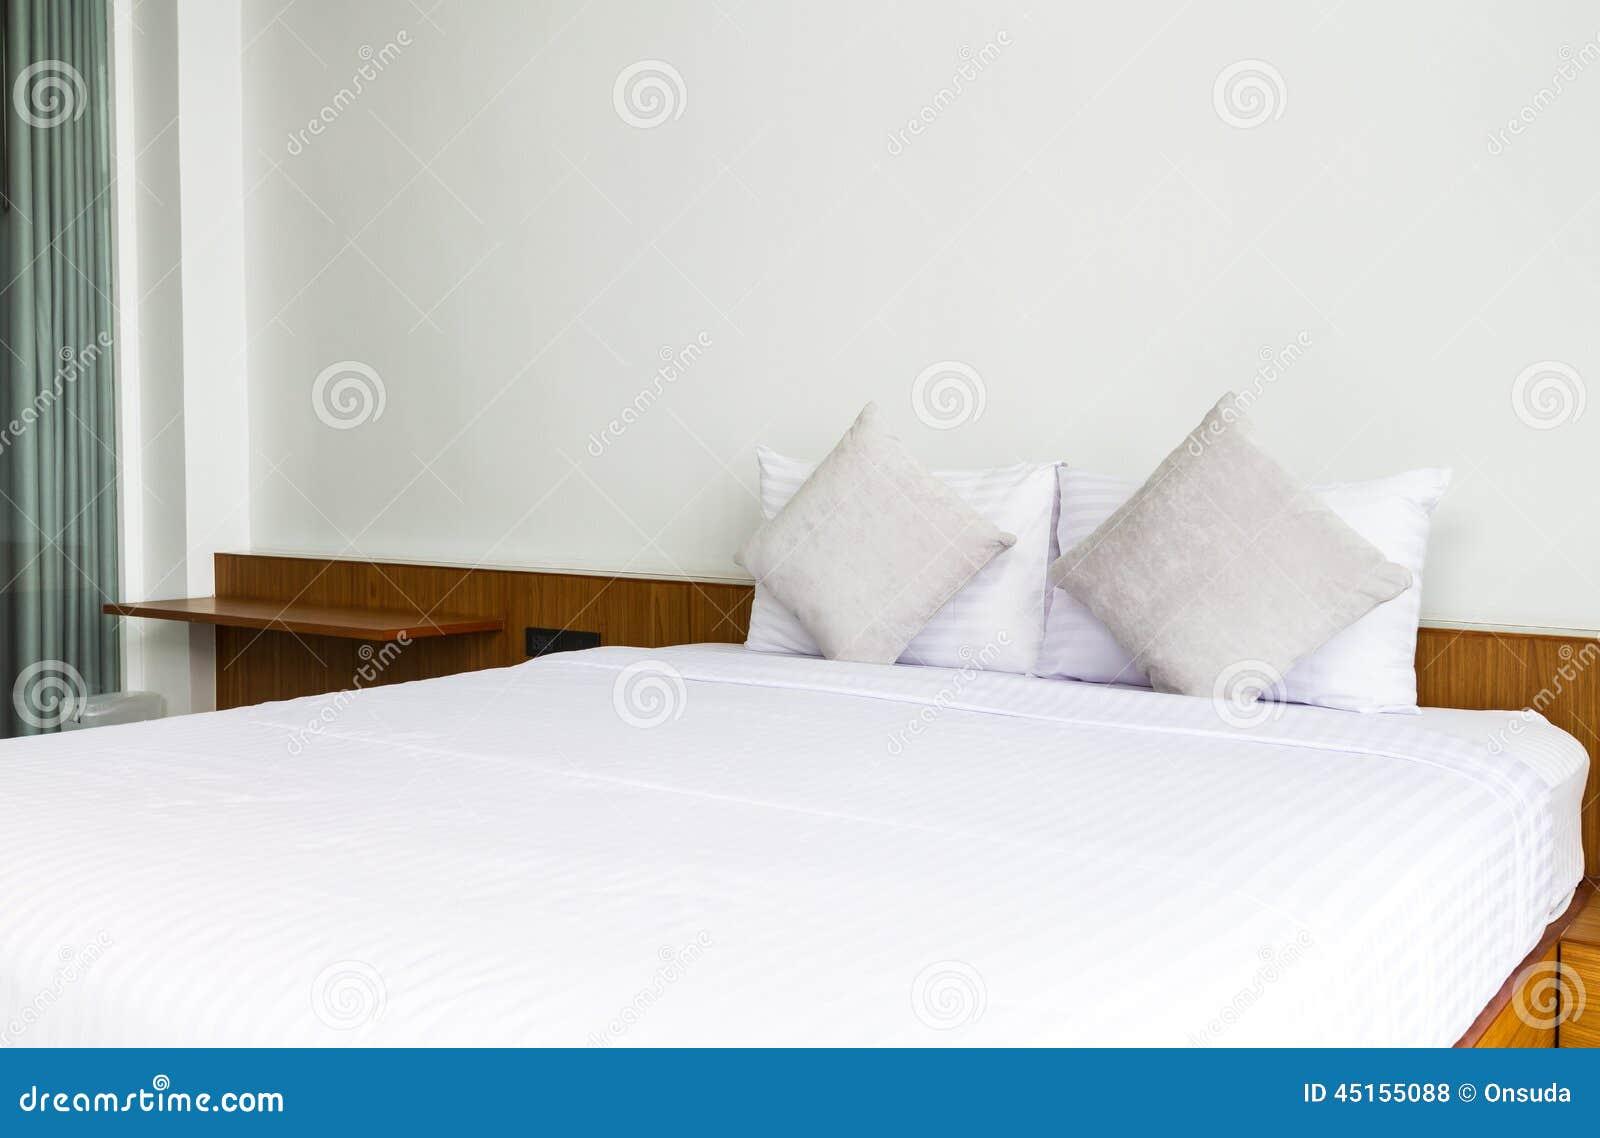 Gordijn Voor Slaapkamer : Gordijnen voor slaapkamer laten maken ...